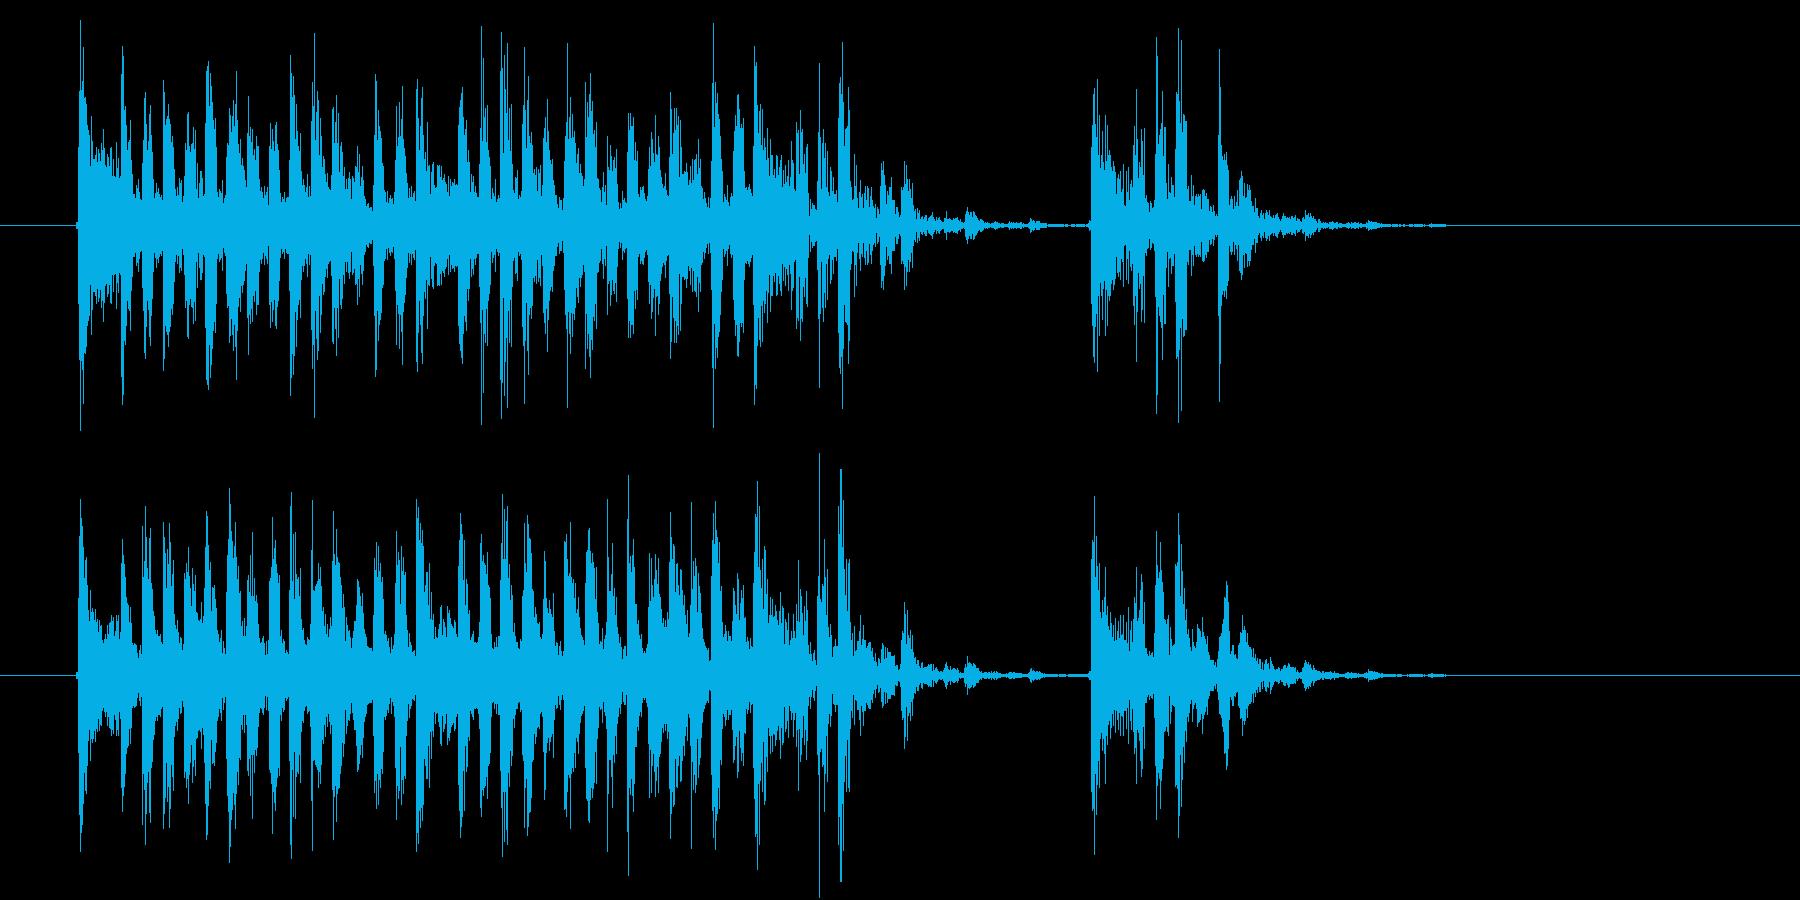 激しくミステリアスな音楽の再生済みの波形